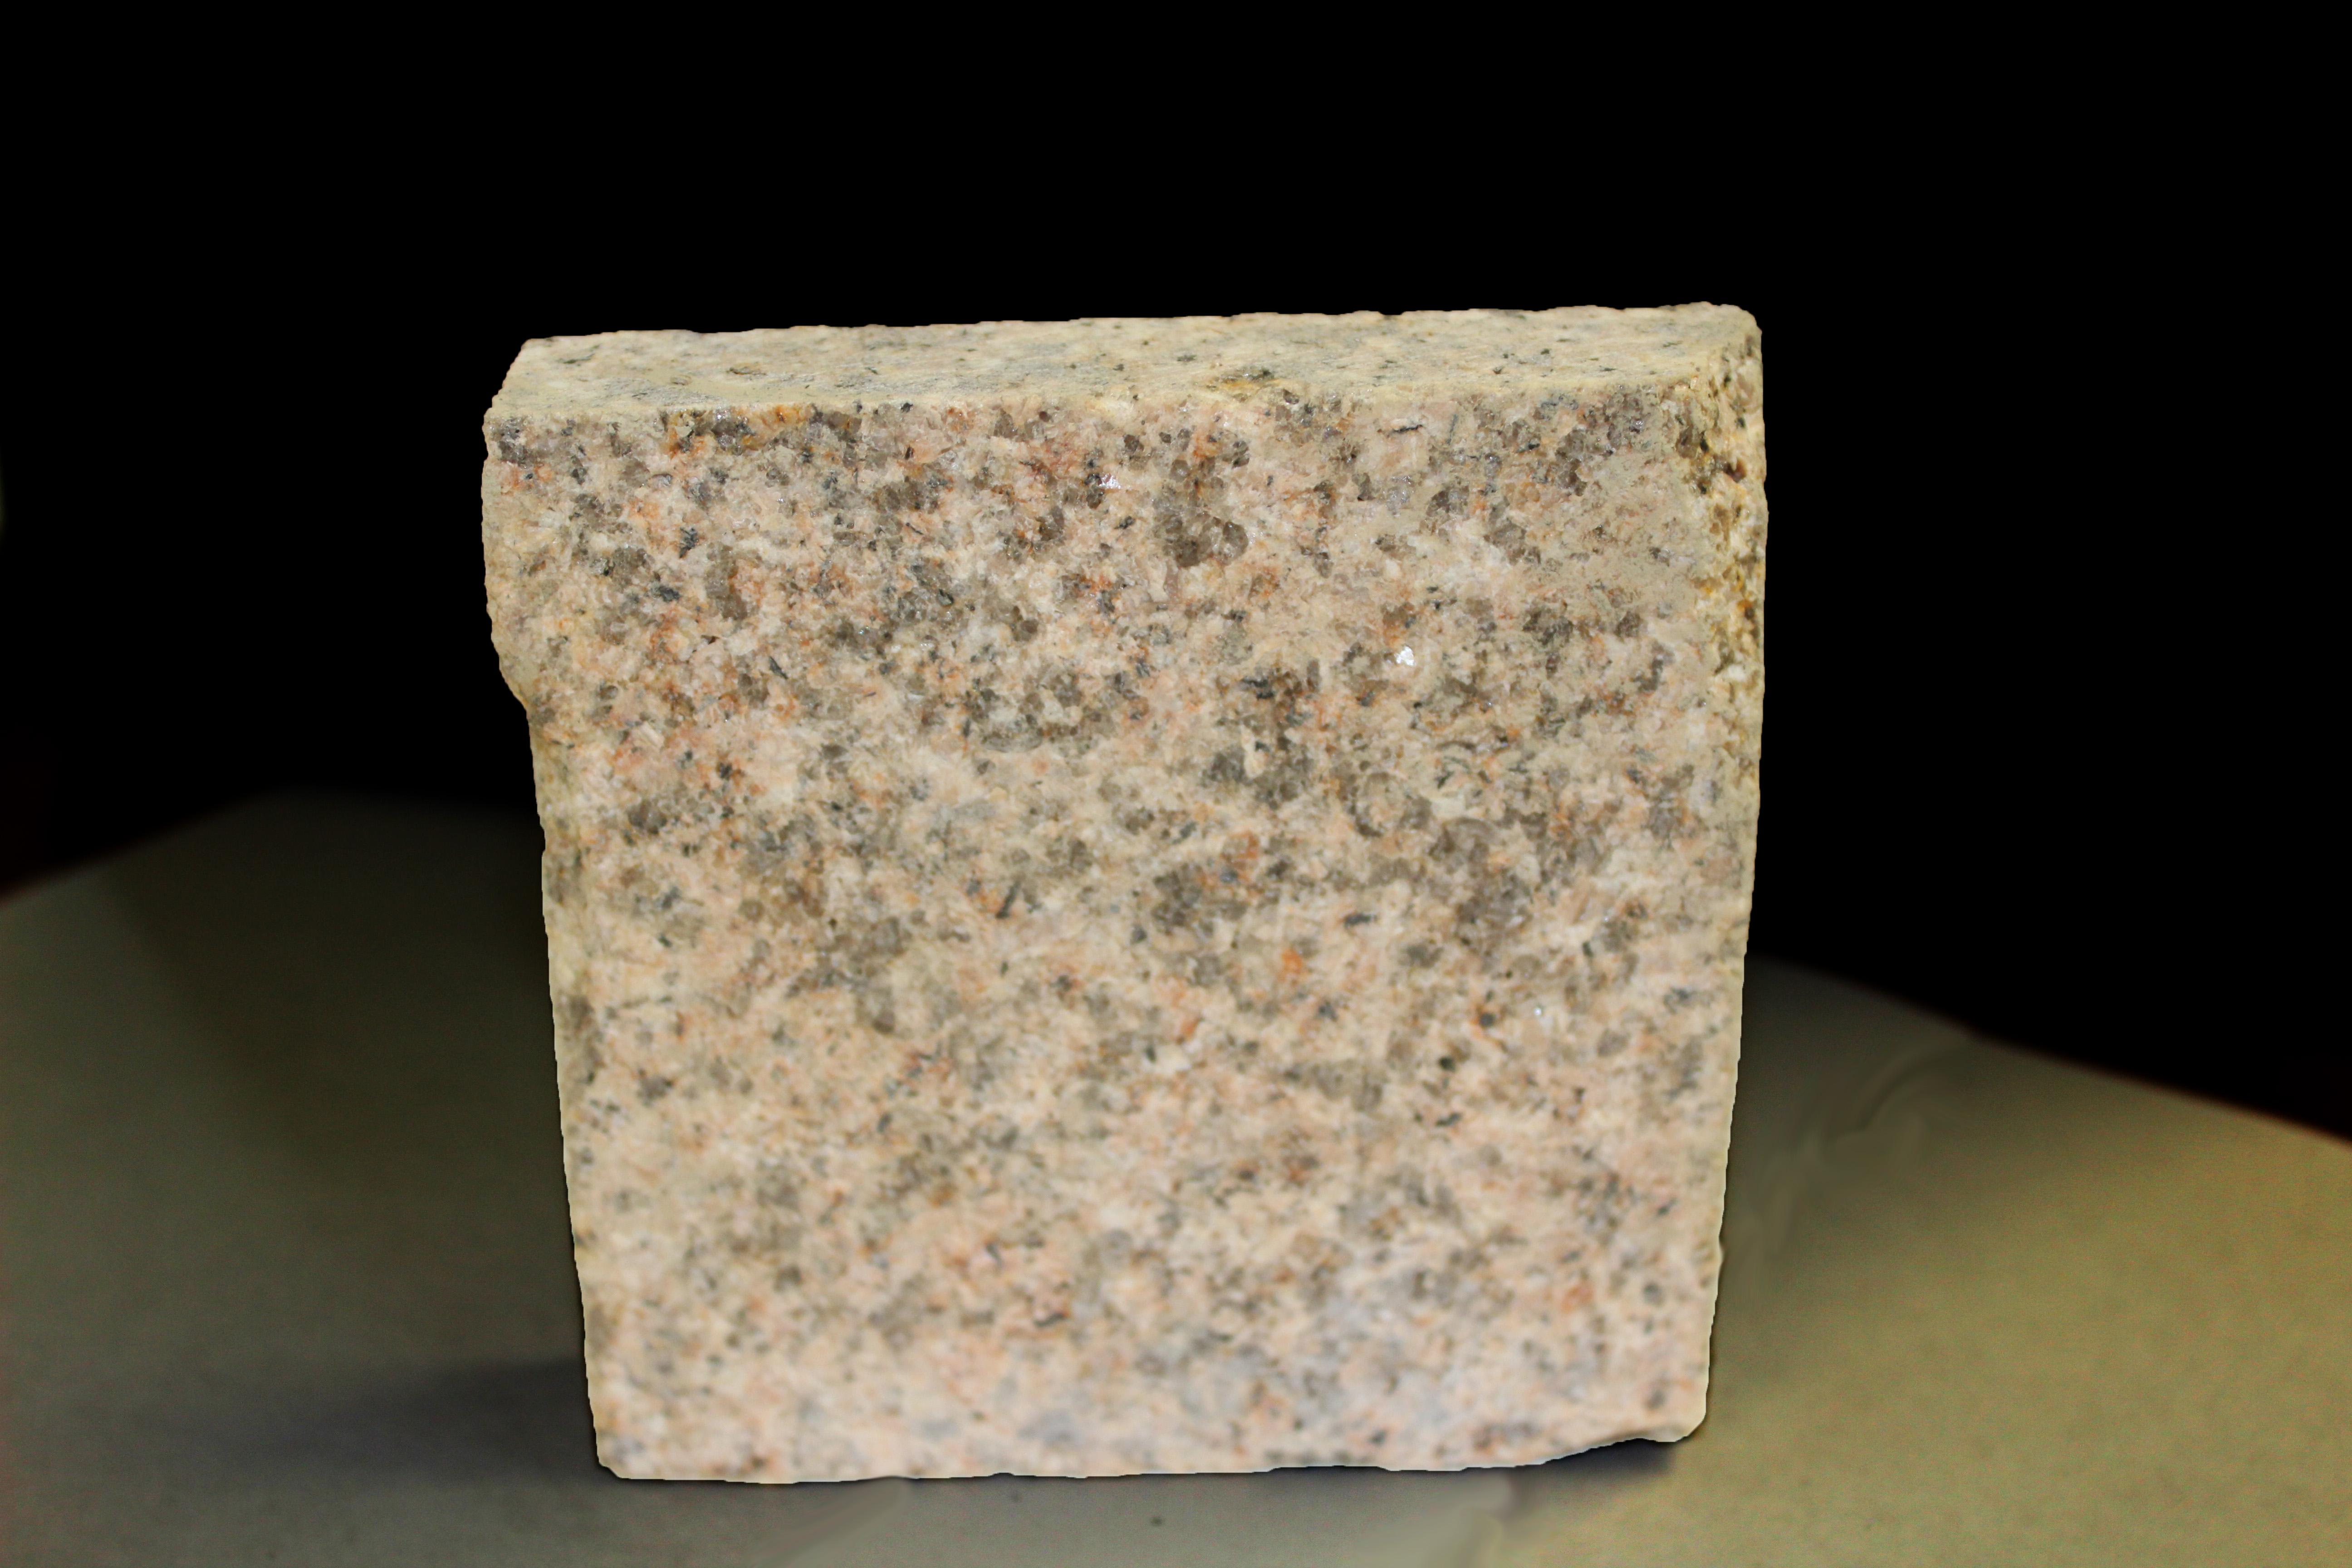 Brown granite paving sample